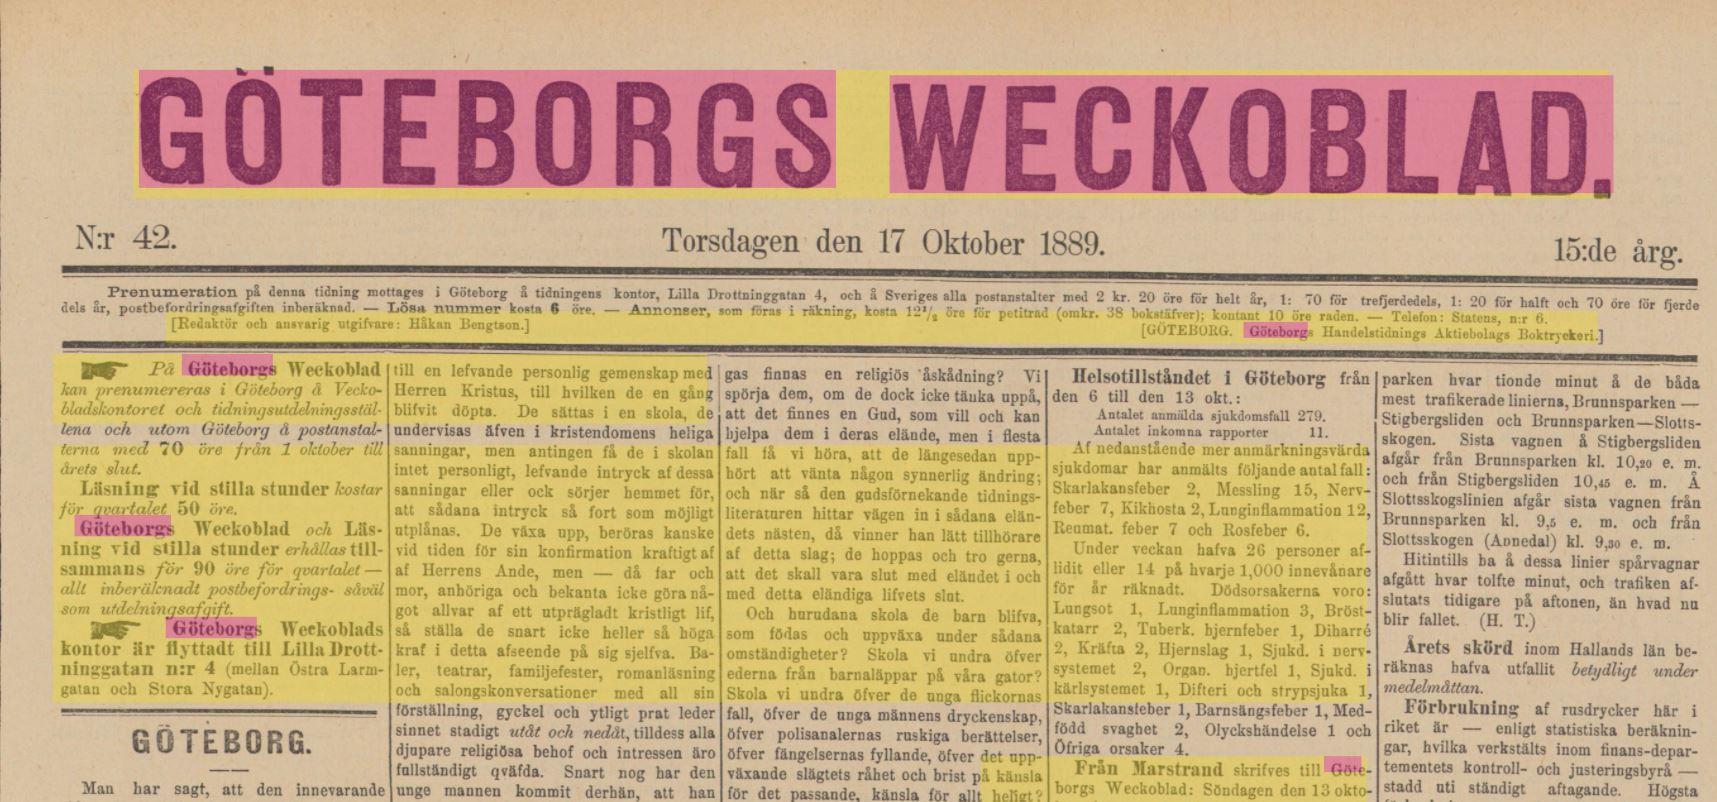 J. W. A. YLLANDERS DAGBOK 1889:  Oktober D. 19 L.